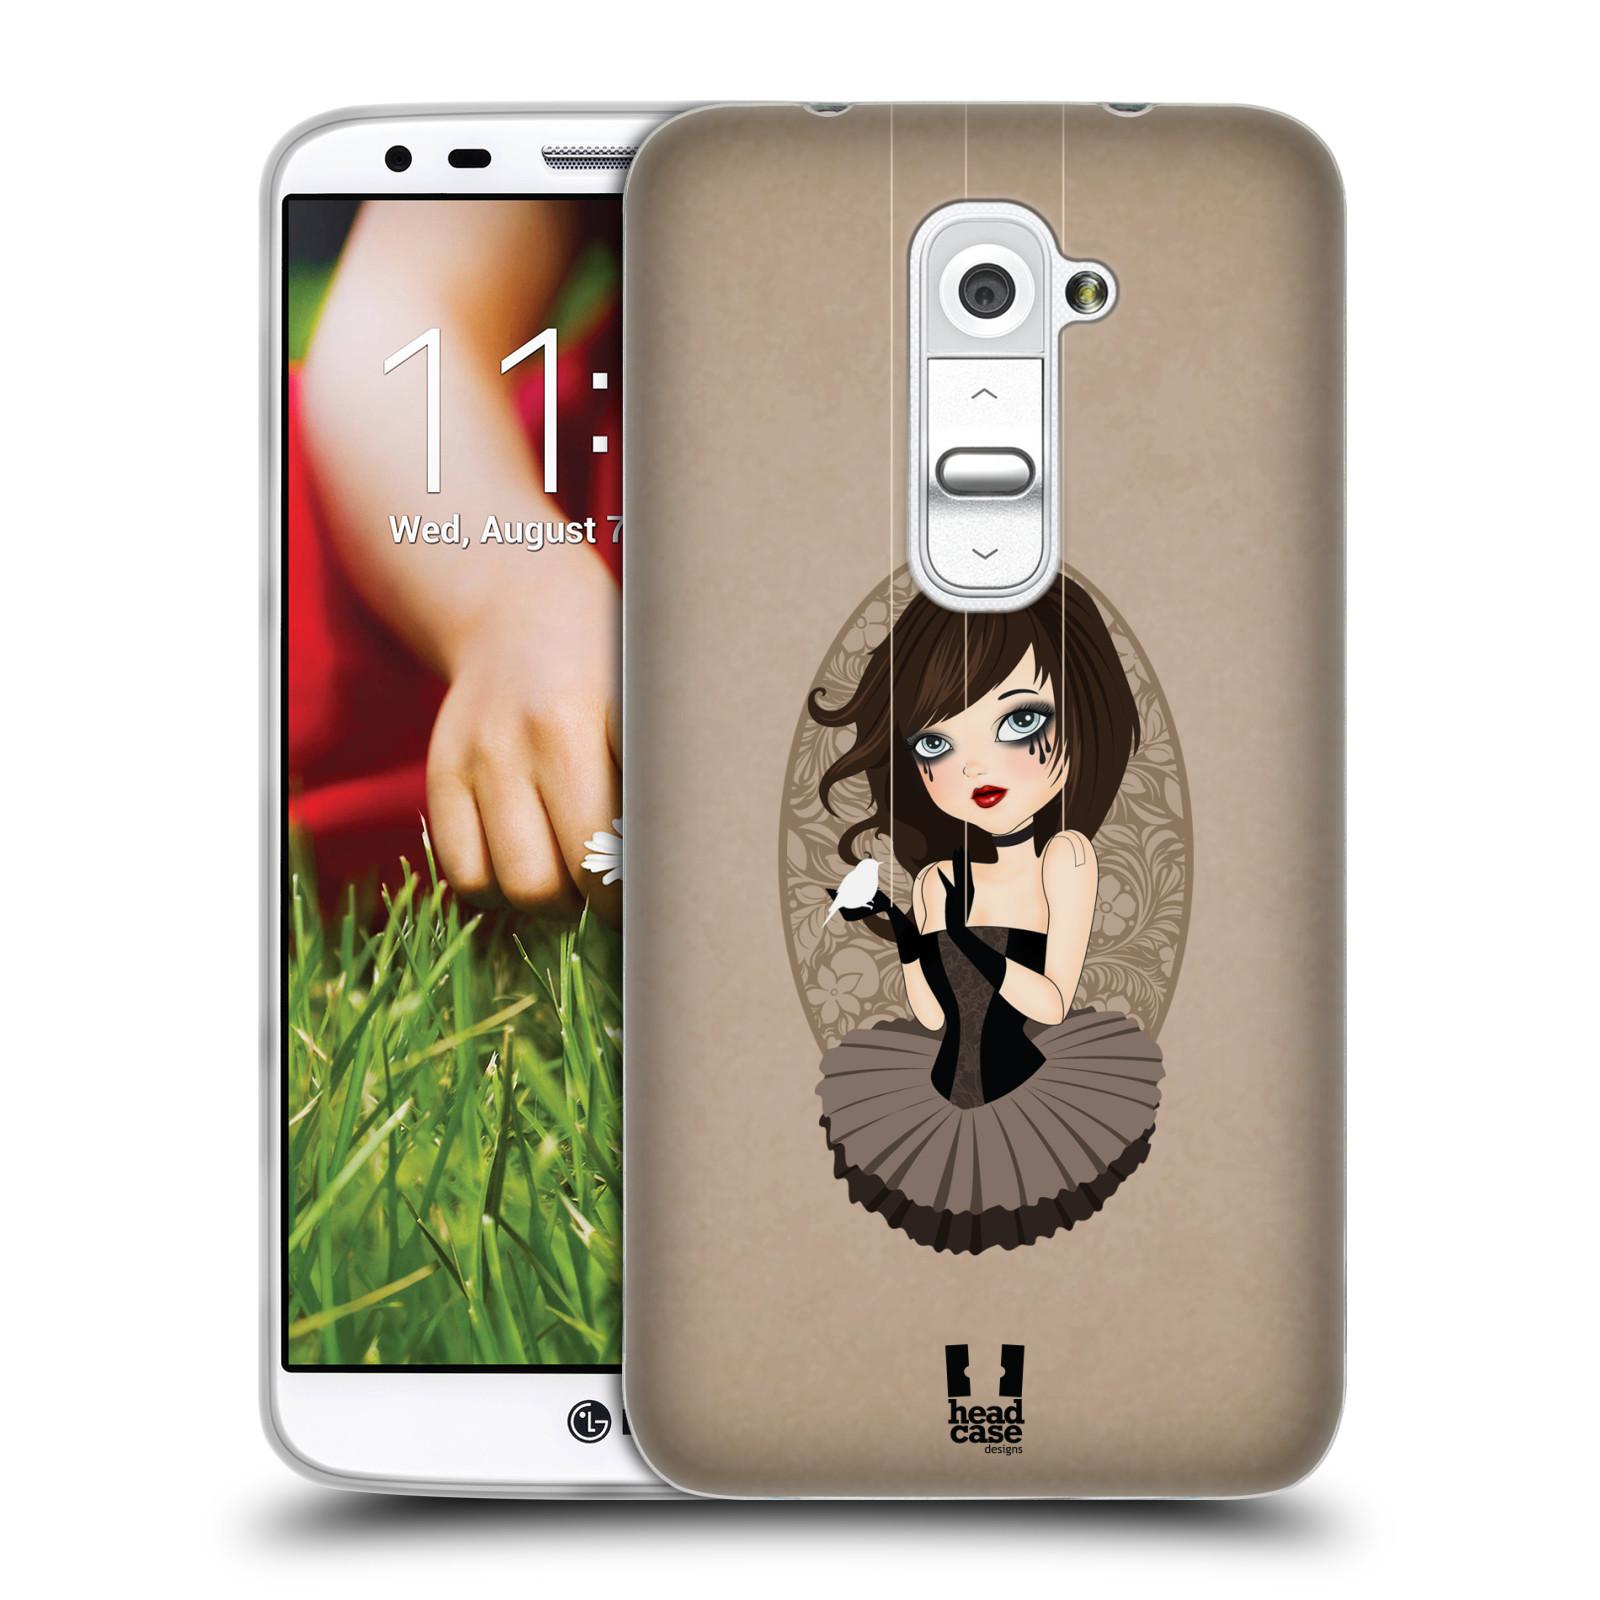 HEAD CASE silikonový obal na mobil LG G2 vzor Marioneta panenka SERAFÍNA HNĚDÁ